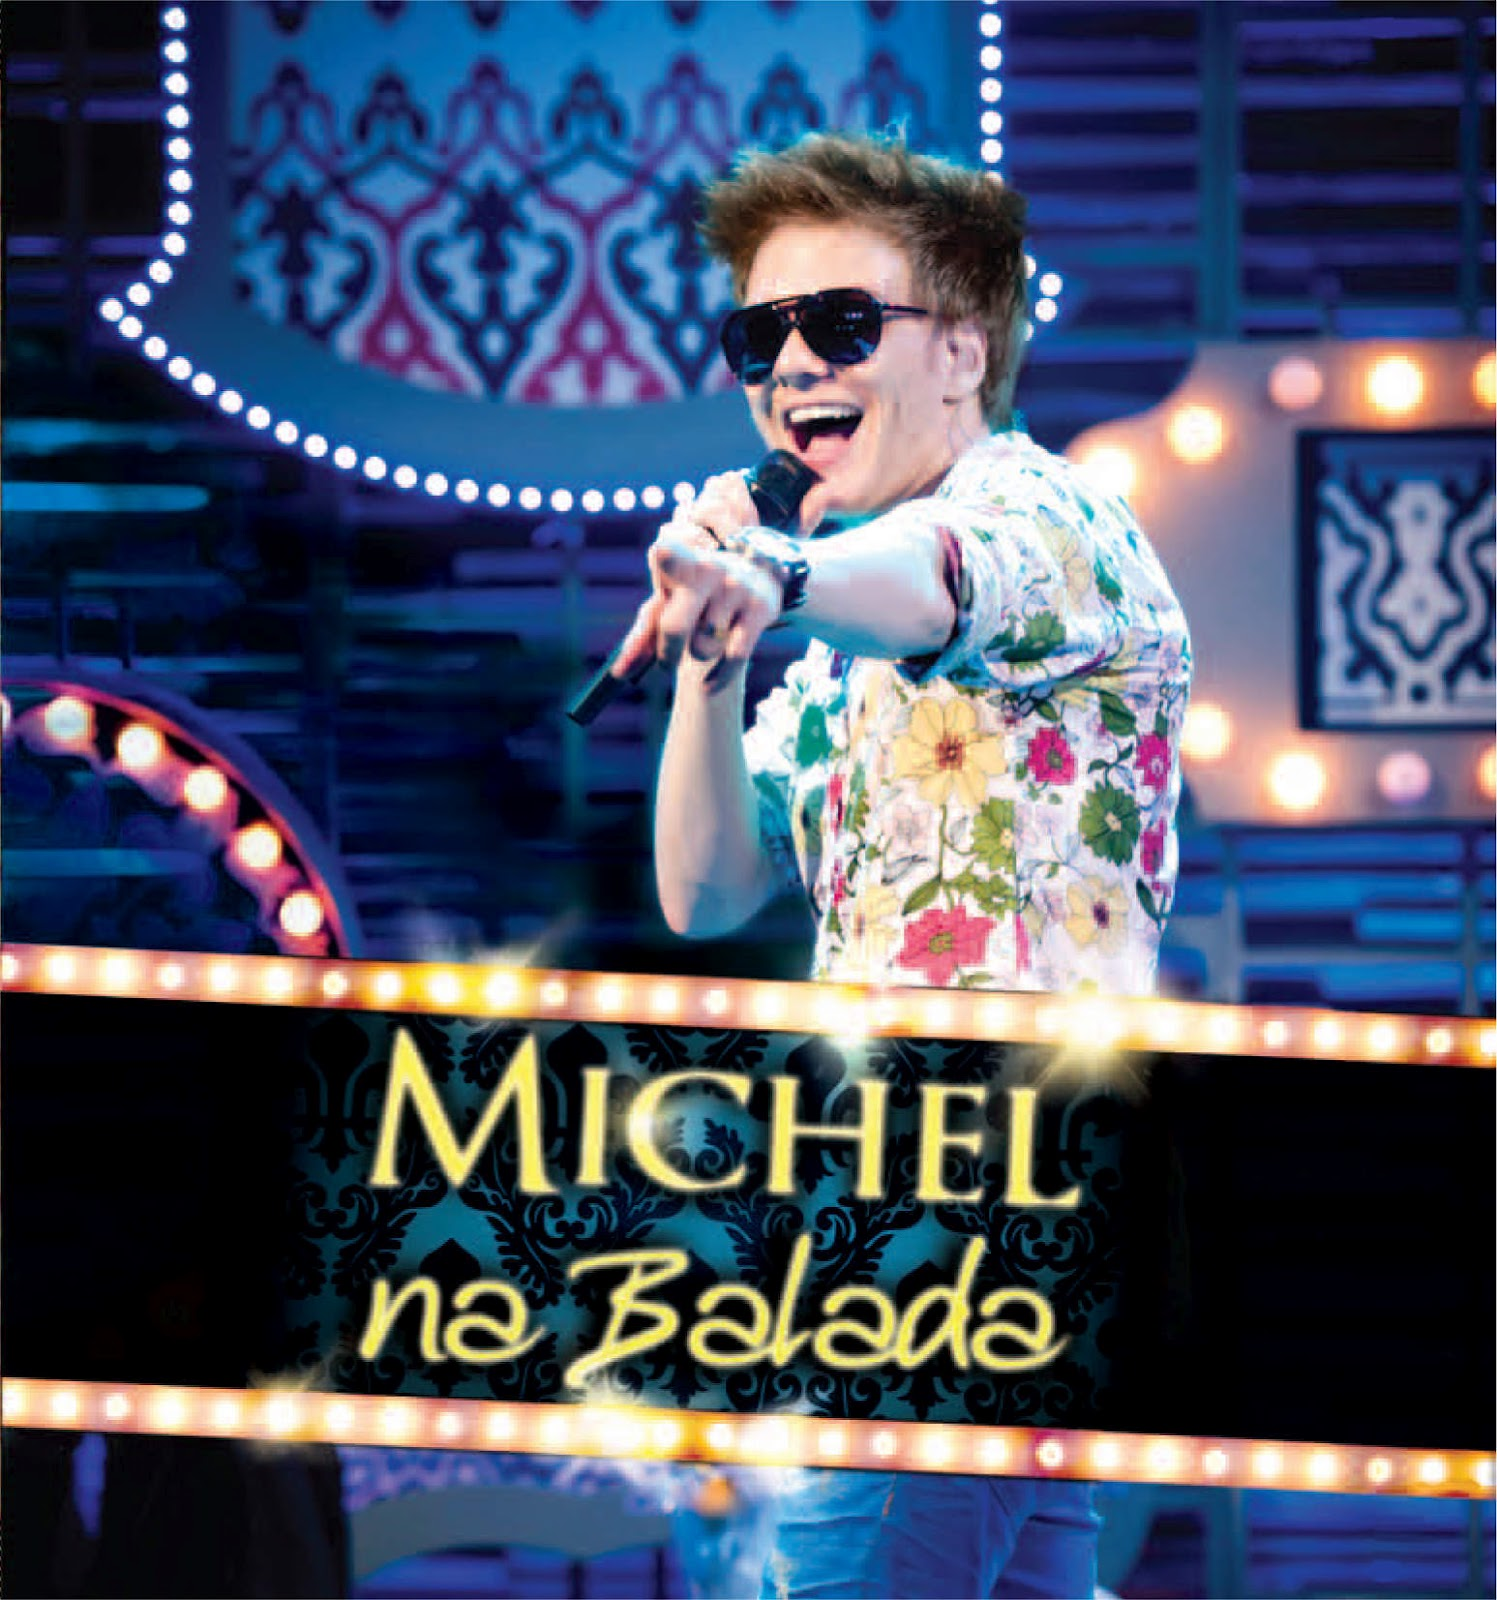 http://4.bp.blogspot.com/-GrY9aRA1mM4/T0r9IAv4ZfI/AAAAAAAAEKQ/bH0gzRyHzUk/s1600/Michel+Telo+-+Humilde+Resid%C3%AAncia+Lyrics.jpg